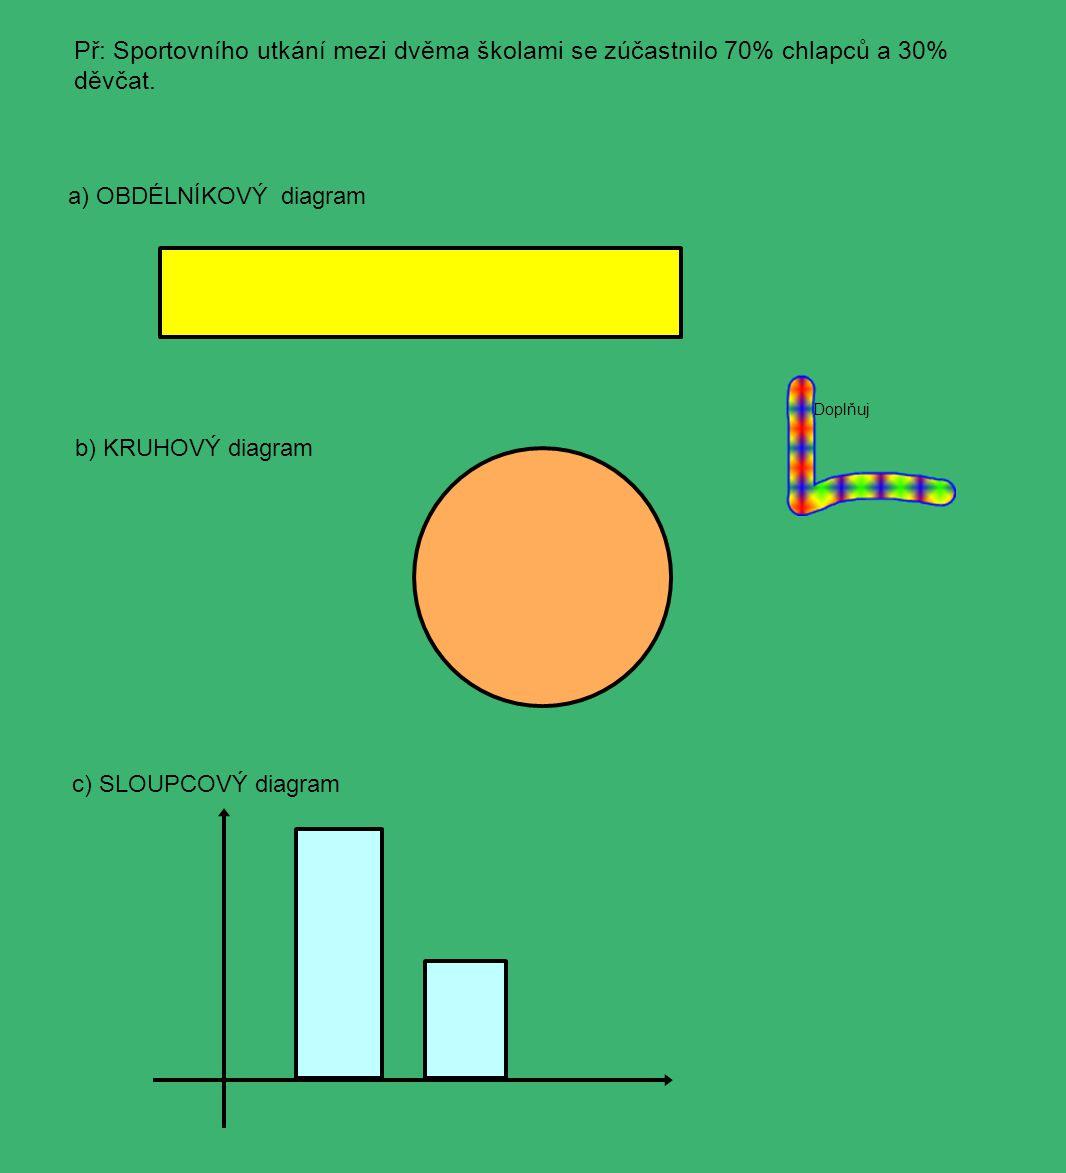 Př: Sportovního utkání mezi dvěma školami se zúčastnilo 70% chlapců a 30% děvčat. a) OBDÉLNÍKOVÝ diagram b) KRUHOVÝ diagram c) SLOUPCOVÝ diagram Doplň